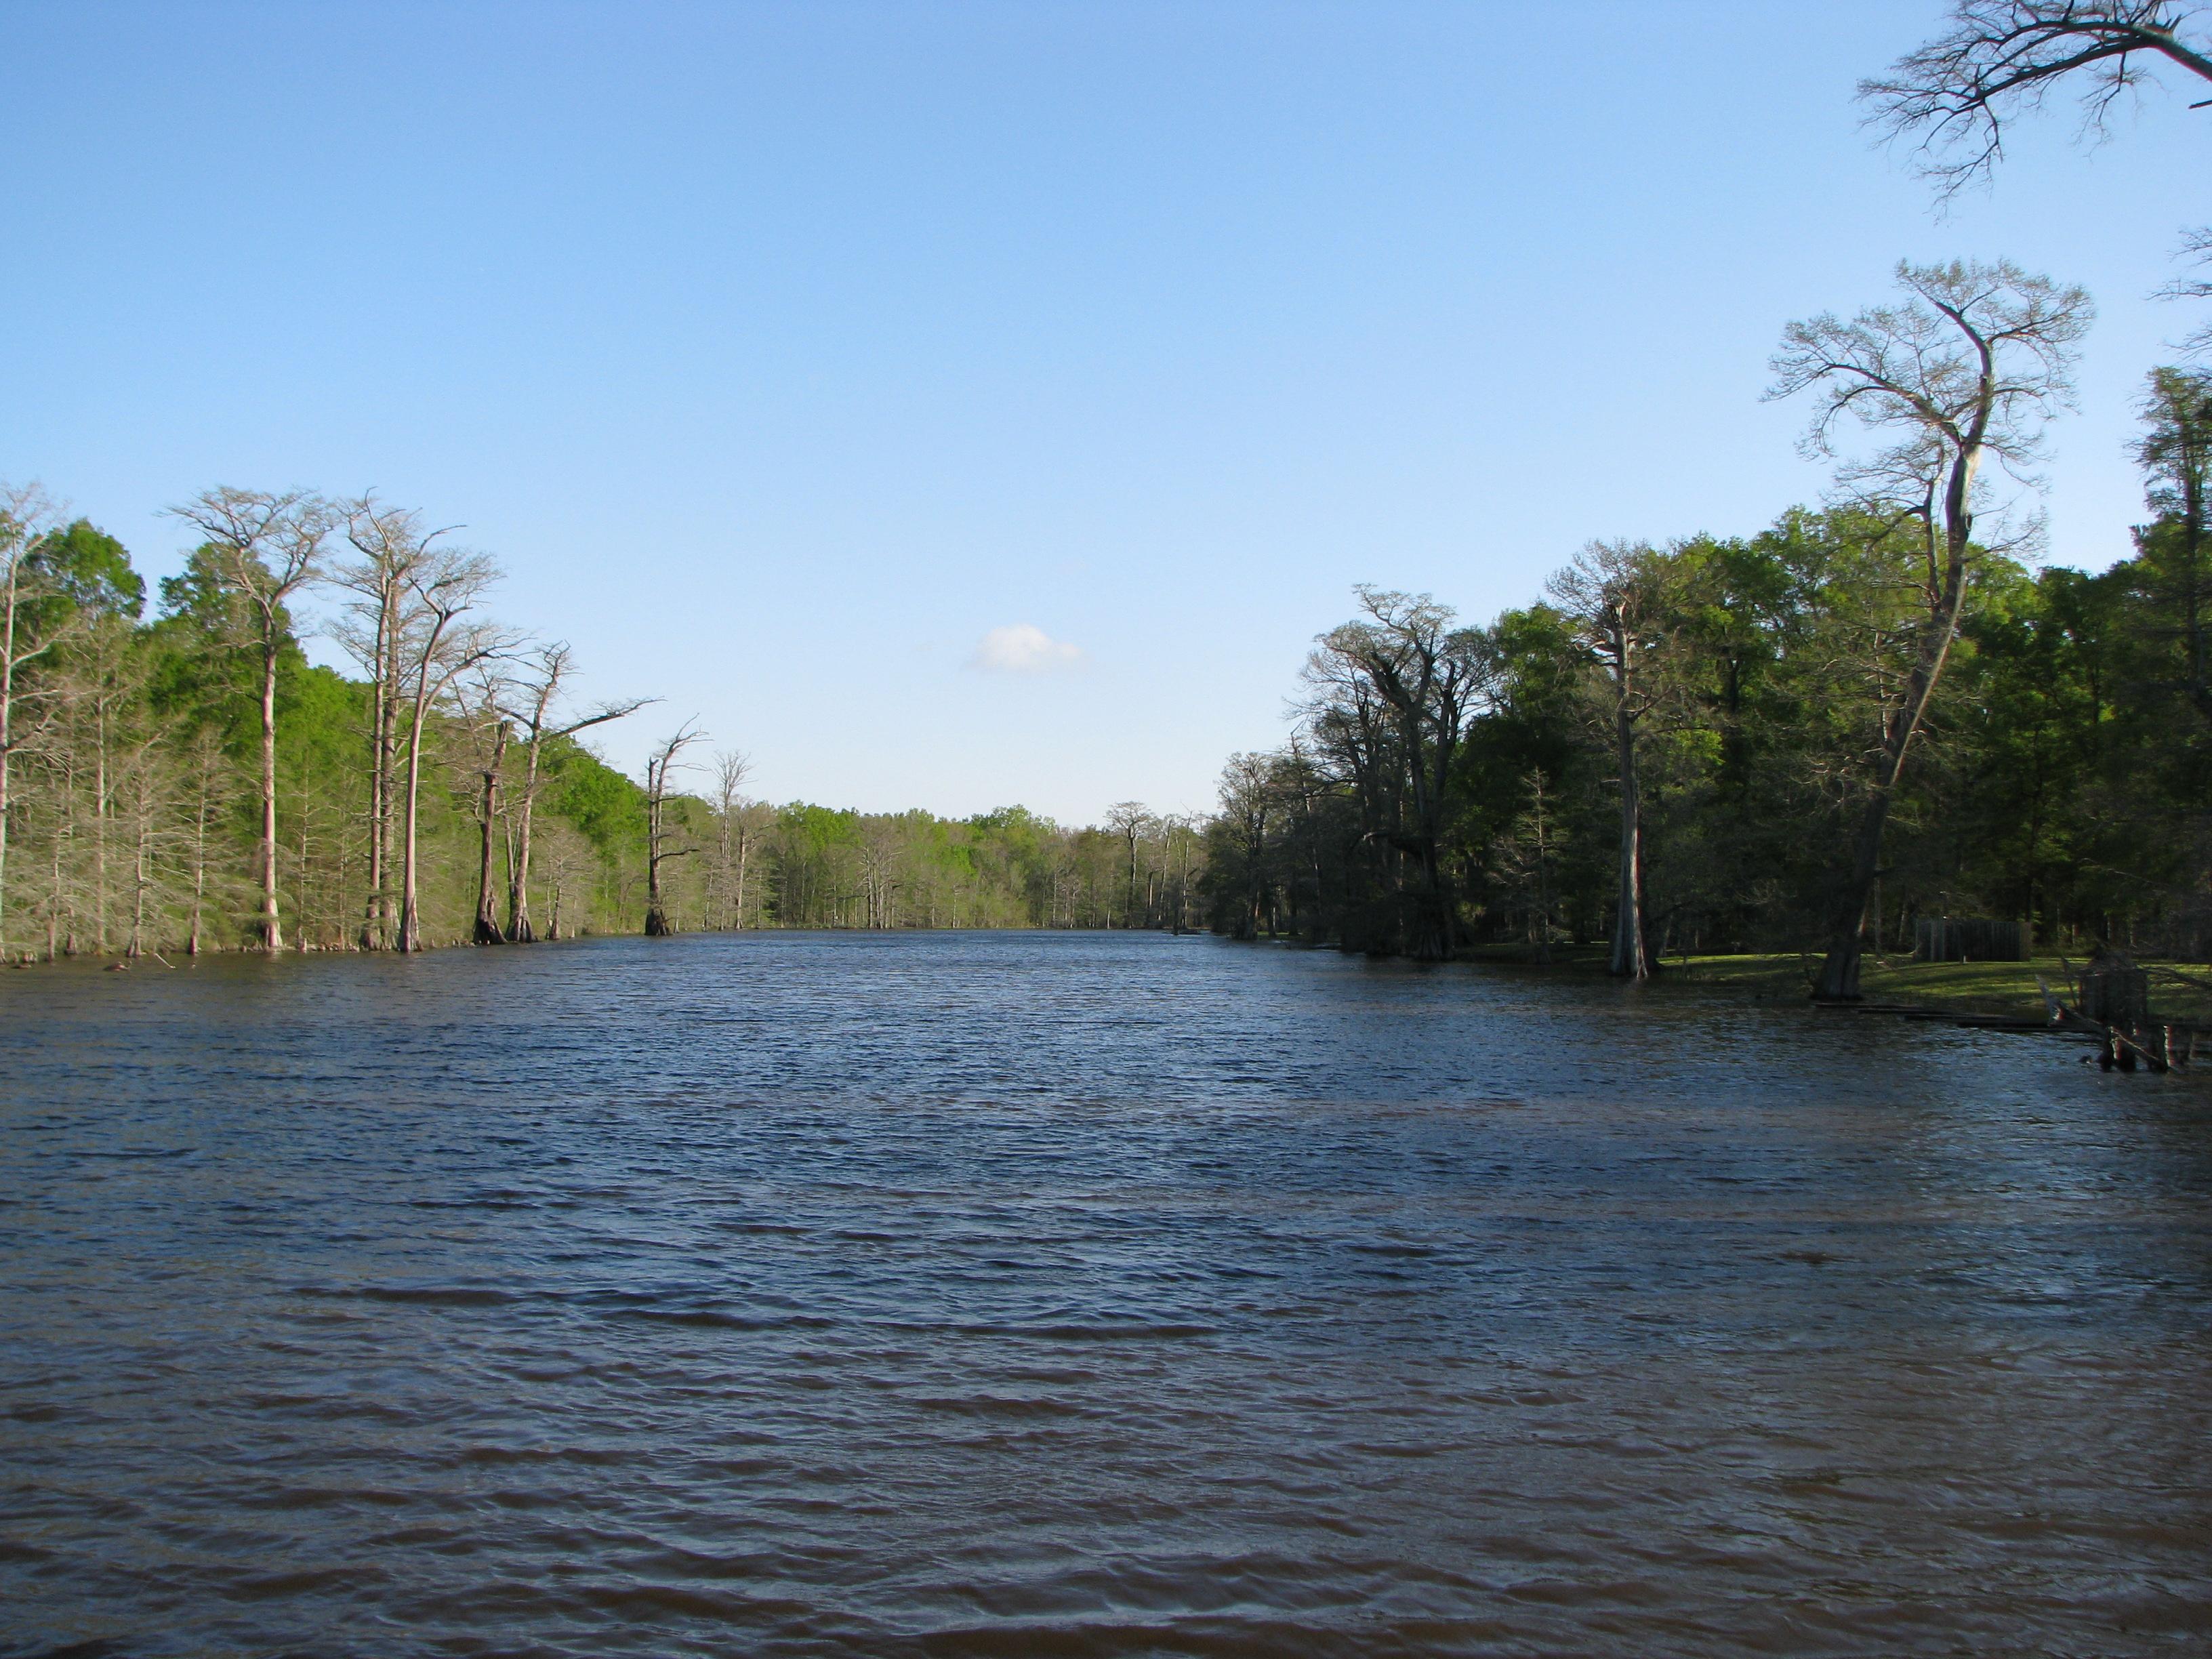 Mississippi washington county hollandale - Mississippi Marathon Riverboat Leroypercy